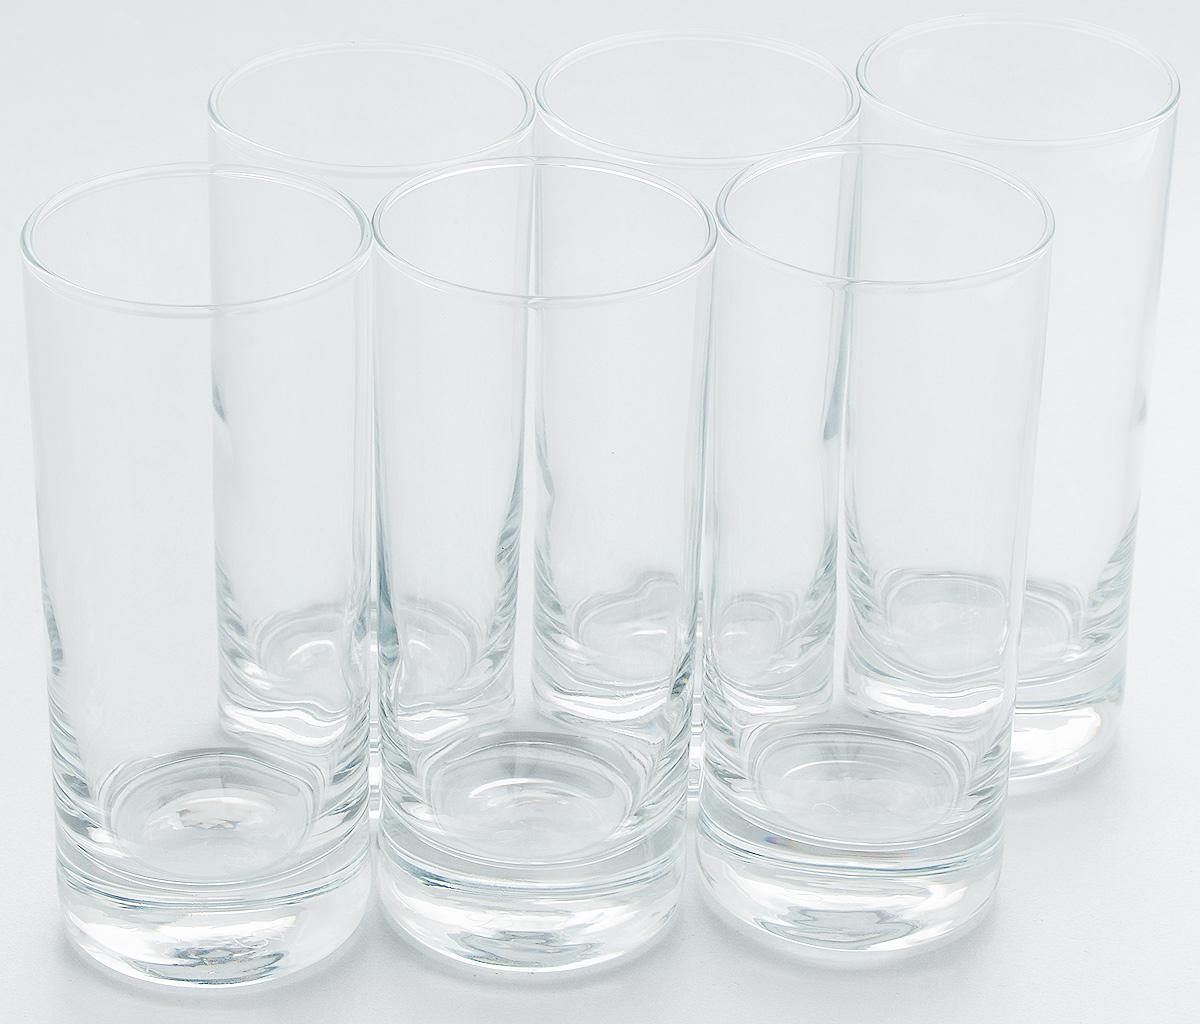 Набор стаканов Pasabahce Side, 290 мл, 6 шт. 42439B42439BНабор Pasabahce состоит из шести стаканов, выполненных из натрий-кальций-силикатного стекла. Изделия предназначены для подачи сока, воды, компота и других напитков. Такие стаканы станут идеальным украшением праздничного стола и отличным подарком к любому празднику. Высота стакана: 15 см.